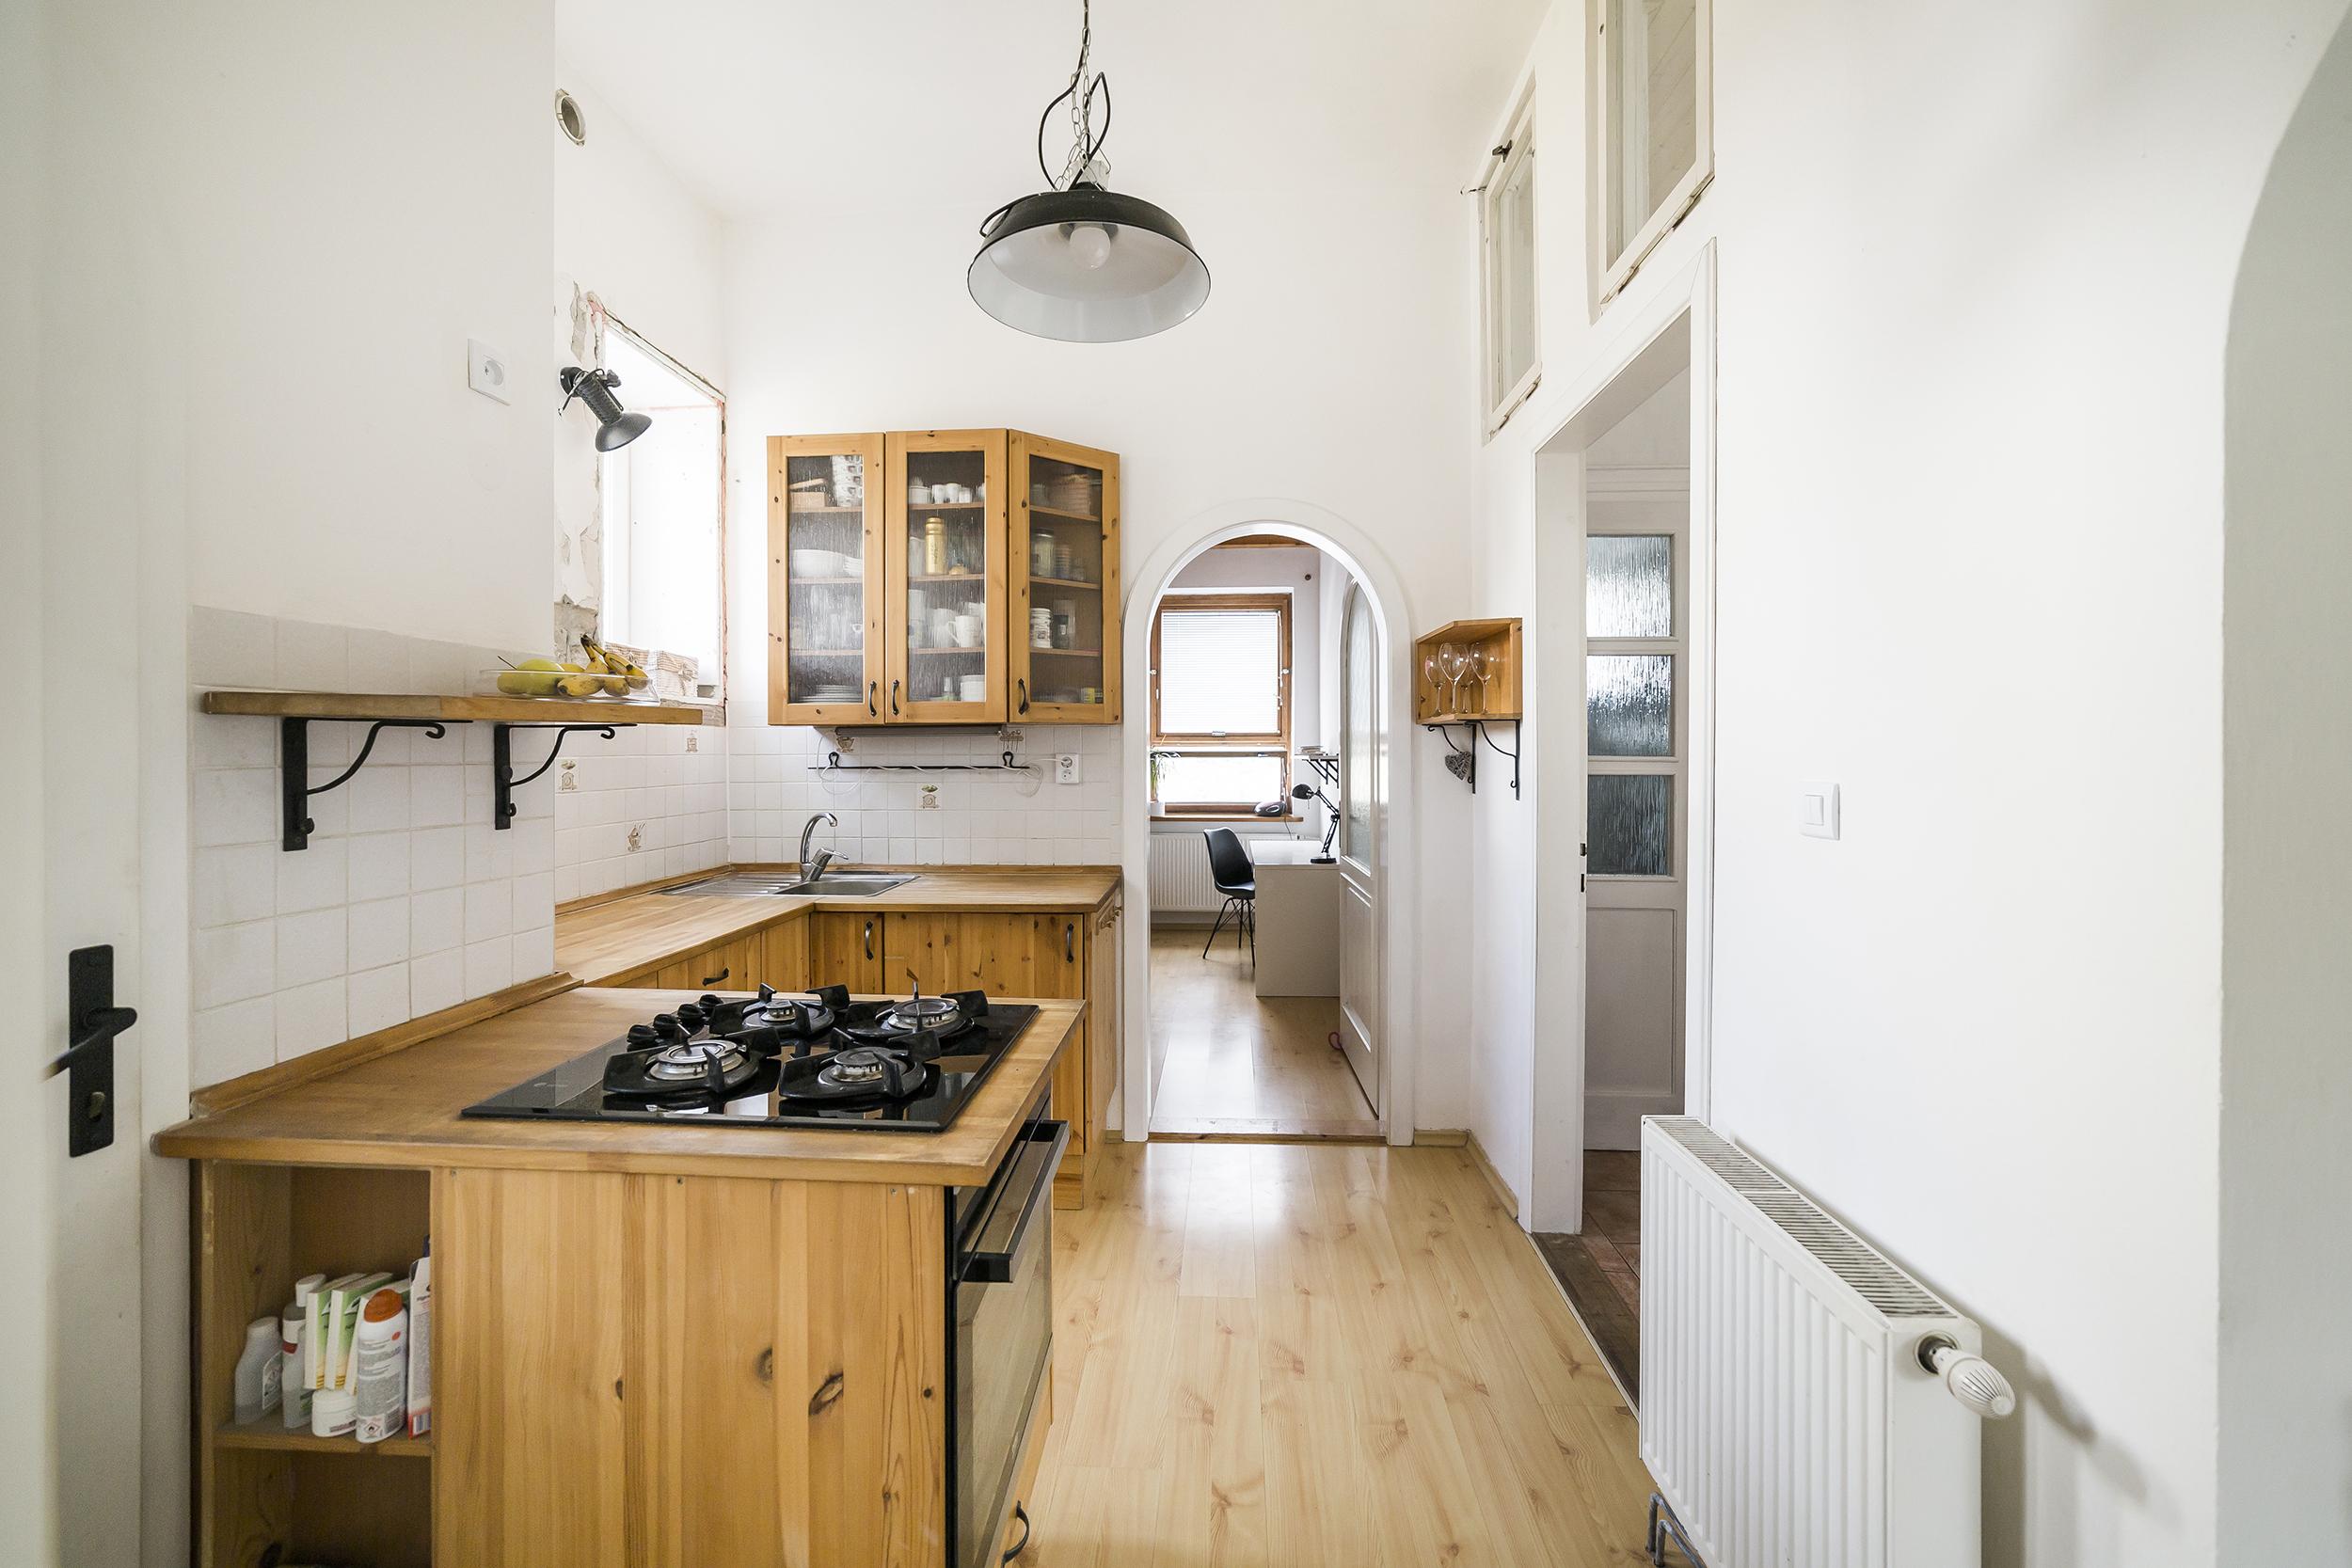 kuchyn svetlo sporak okno podlaha policka topeni dvere byt prodej domu radun linda bittova